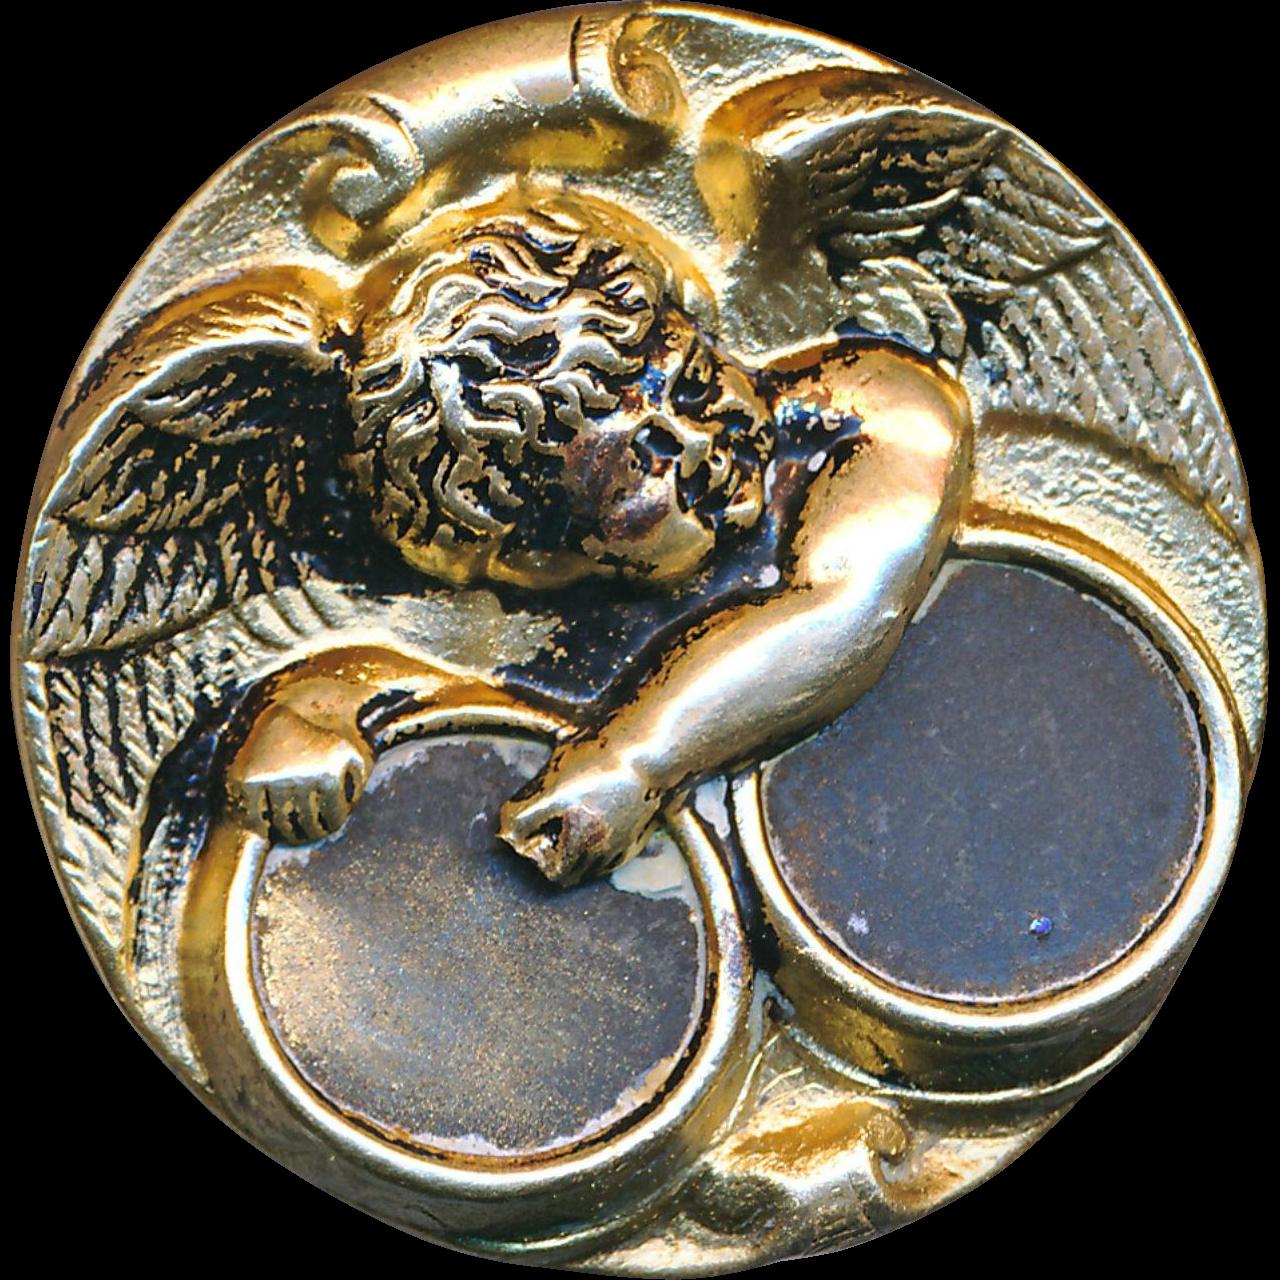 Button--Very Large 19th C. Brass Cherub Drummer--Great Old Design